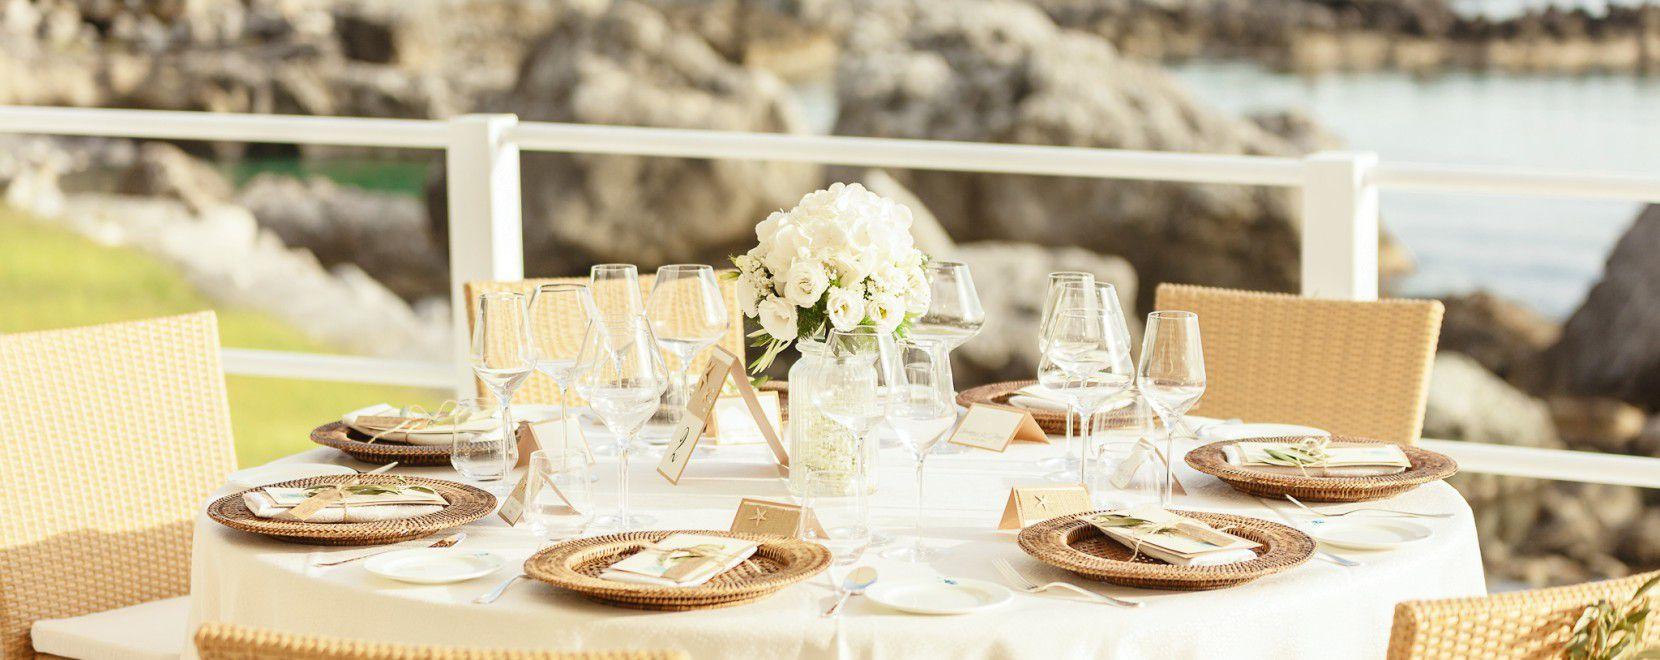 Particolare allestimento tavolo per matrimonio